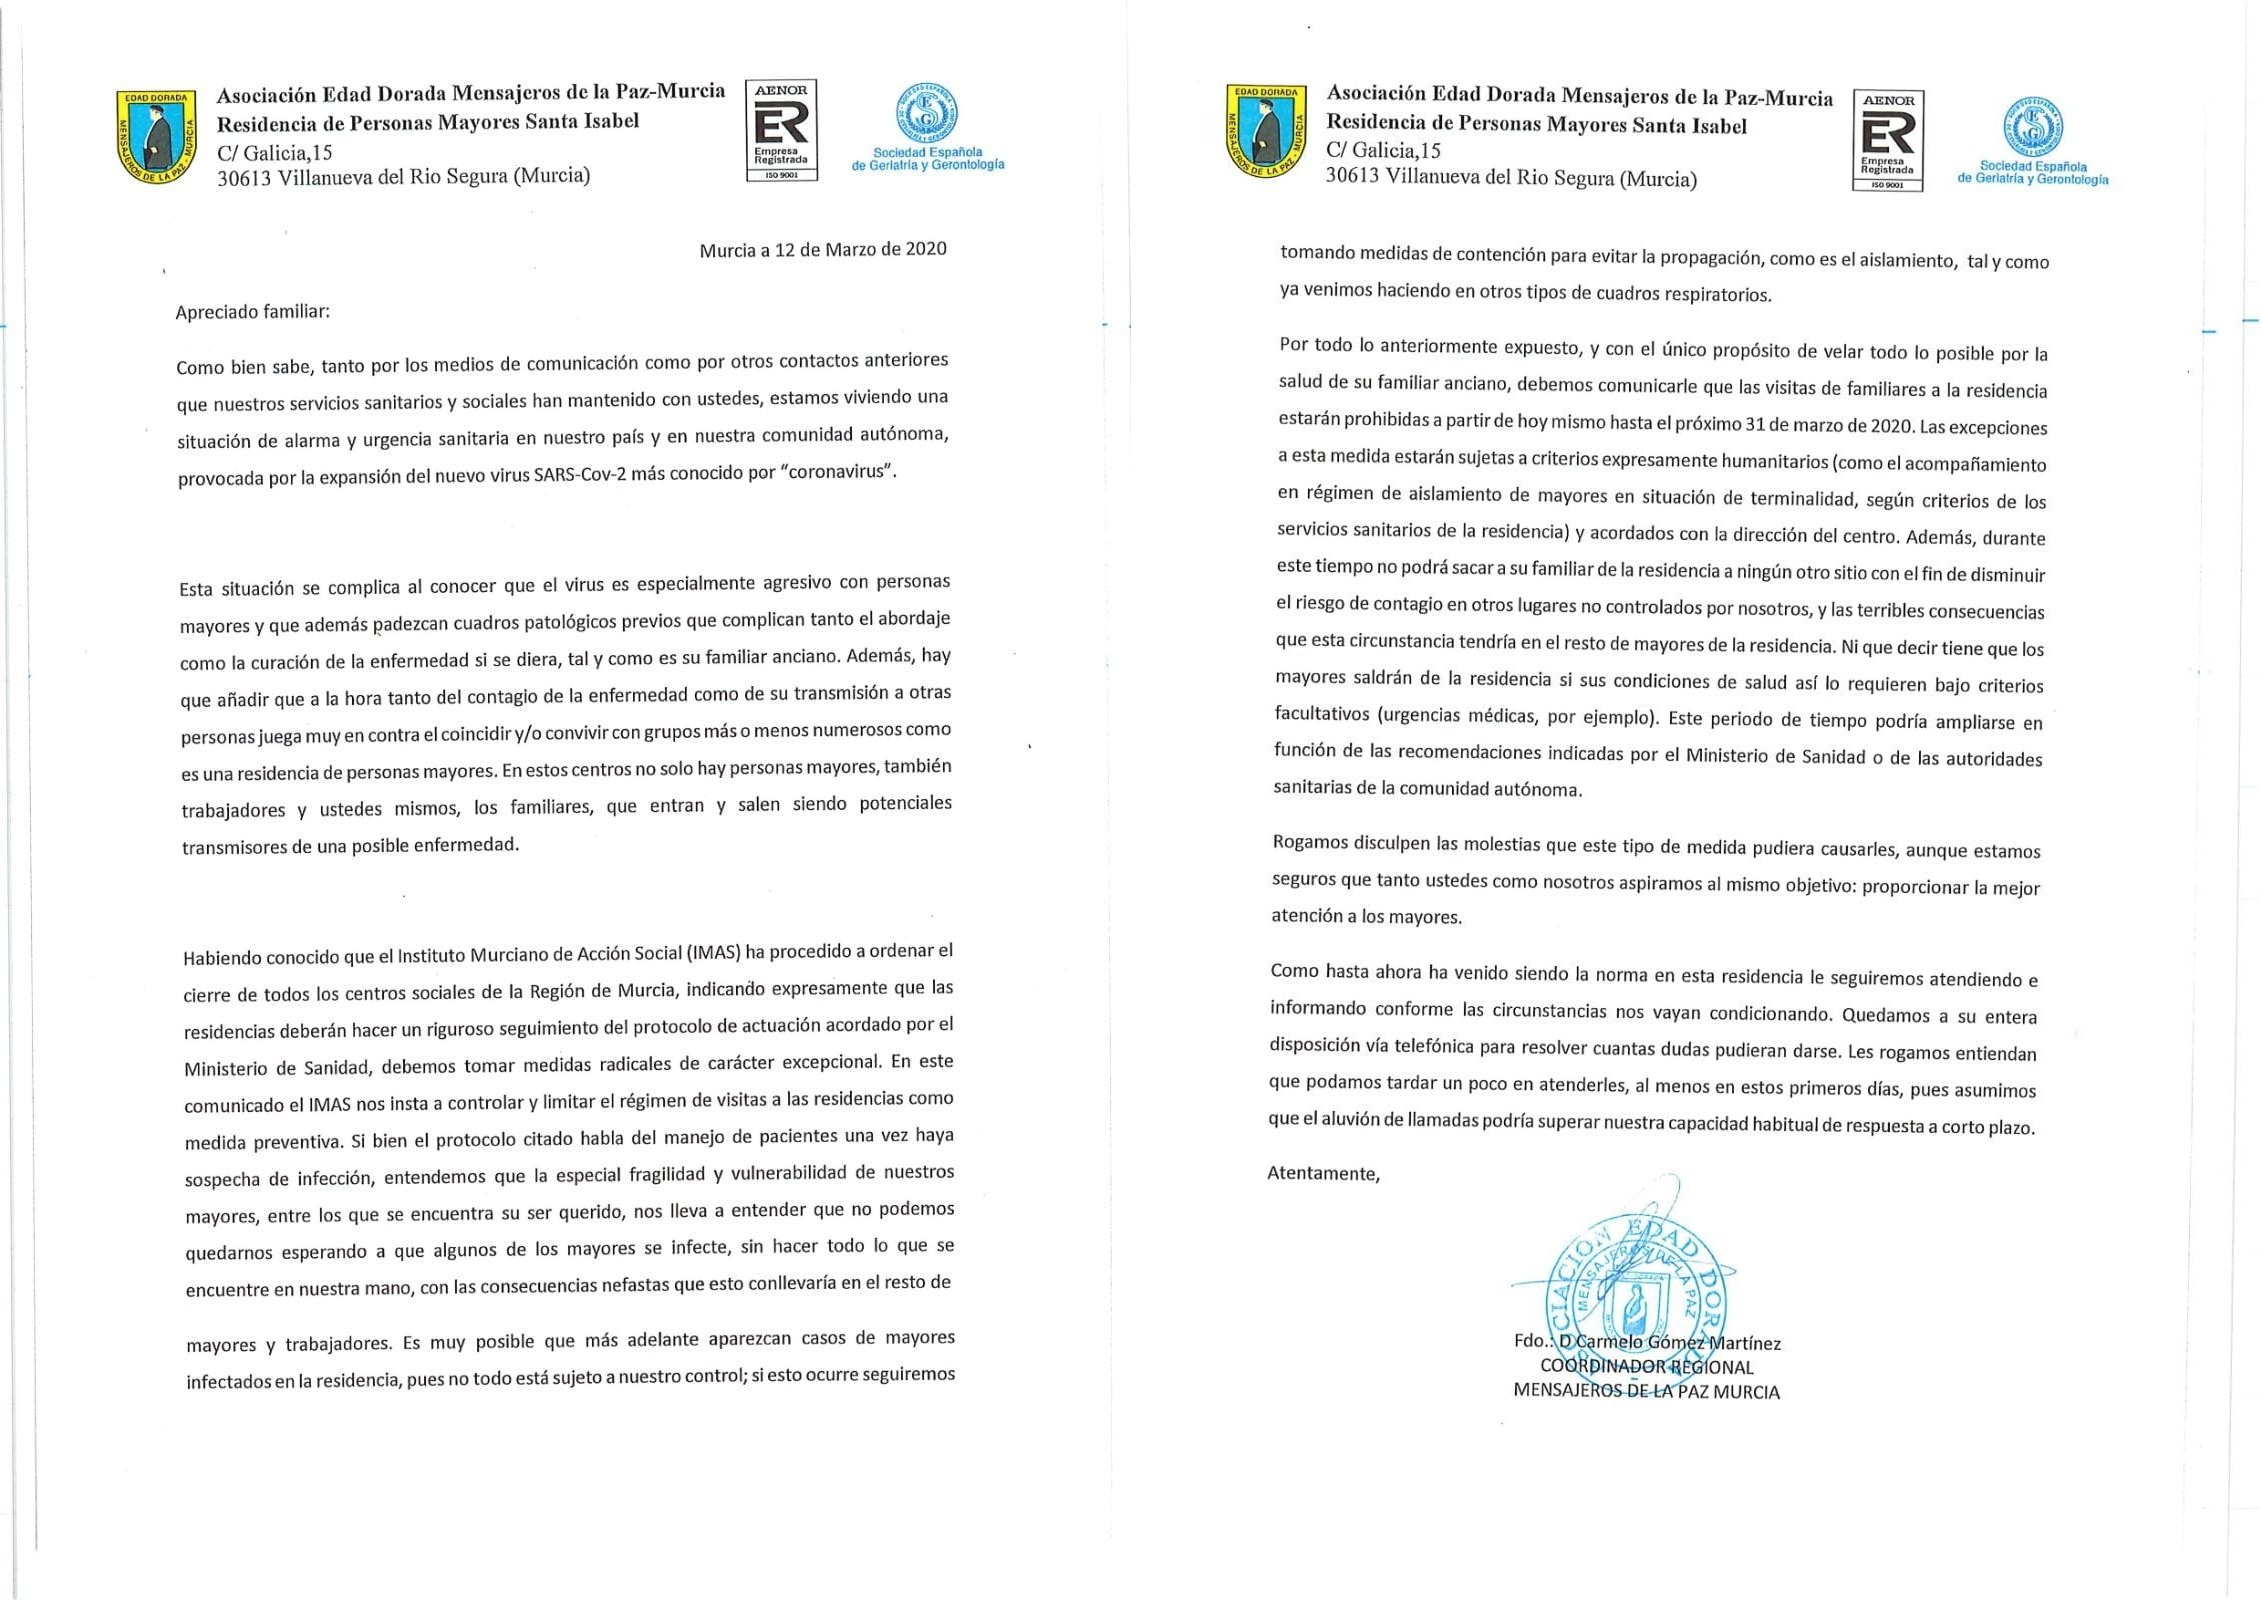 Carta Mensajeros de la Paz Murcia